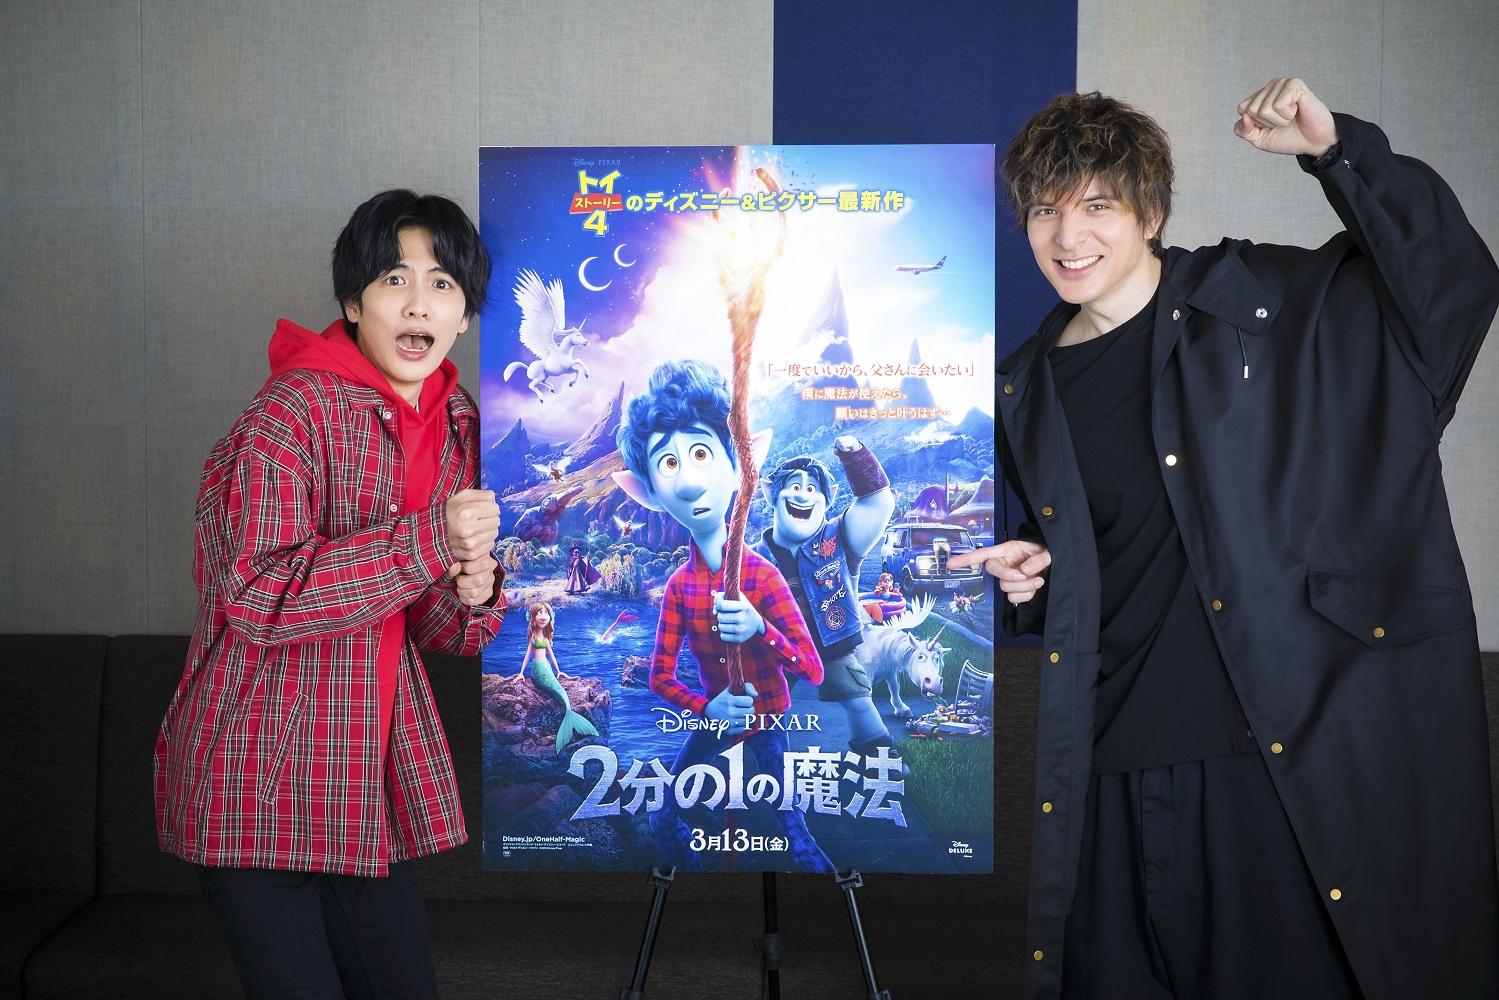 『2分の1の魔法』イアン&バーリーのポーズ写真